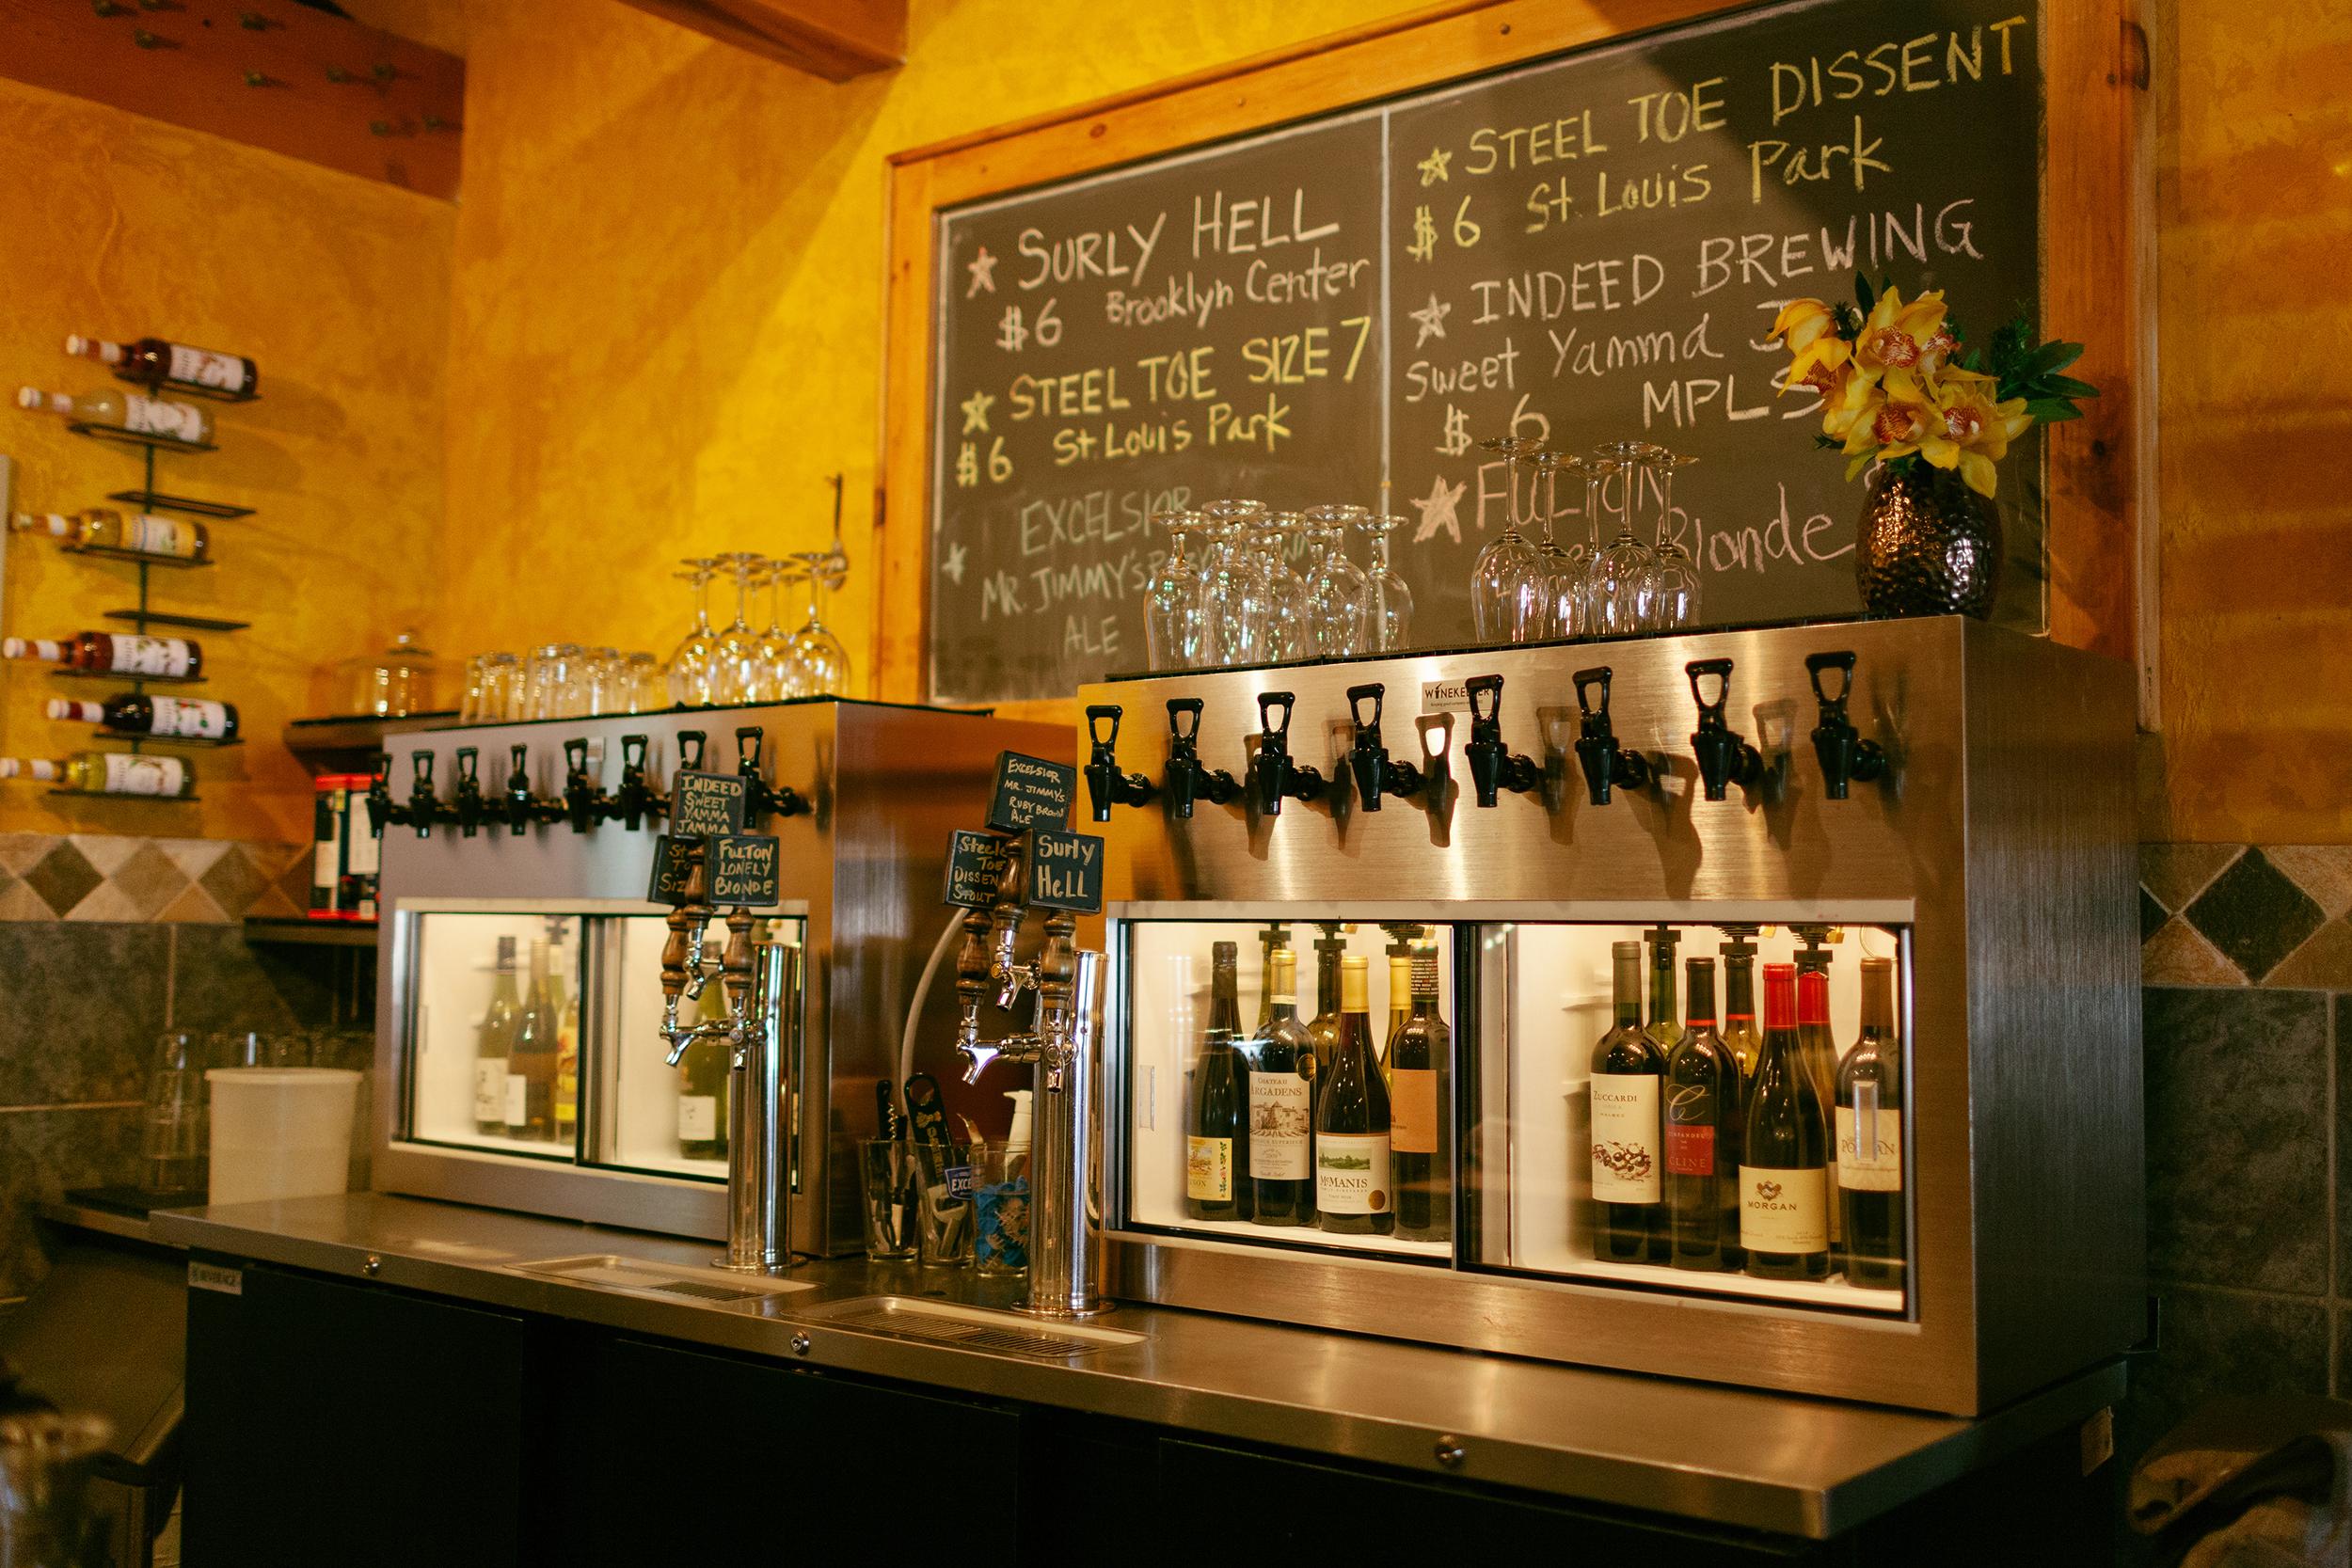 318-food-music-cafe-Excelsior-38.jpg